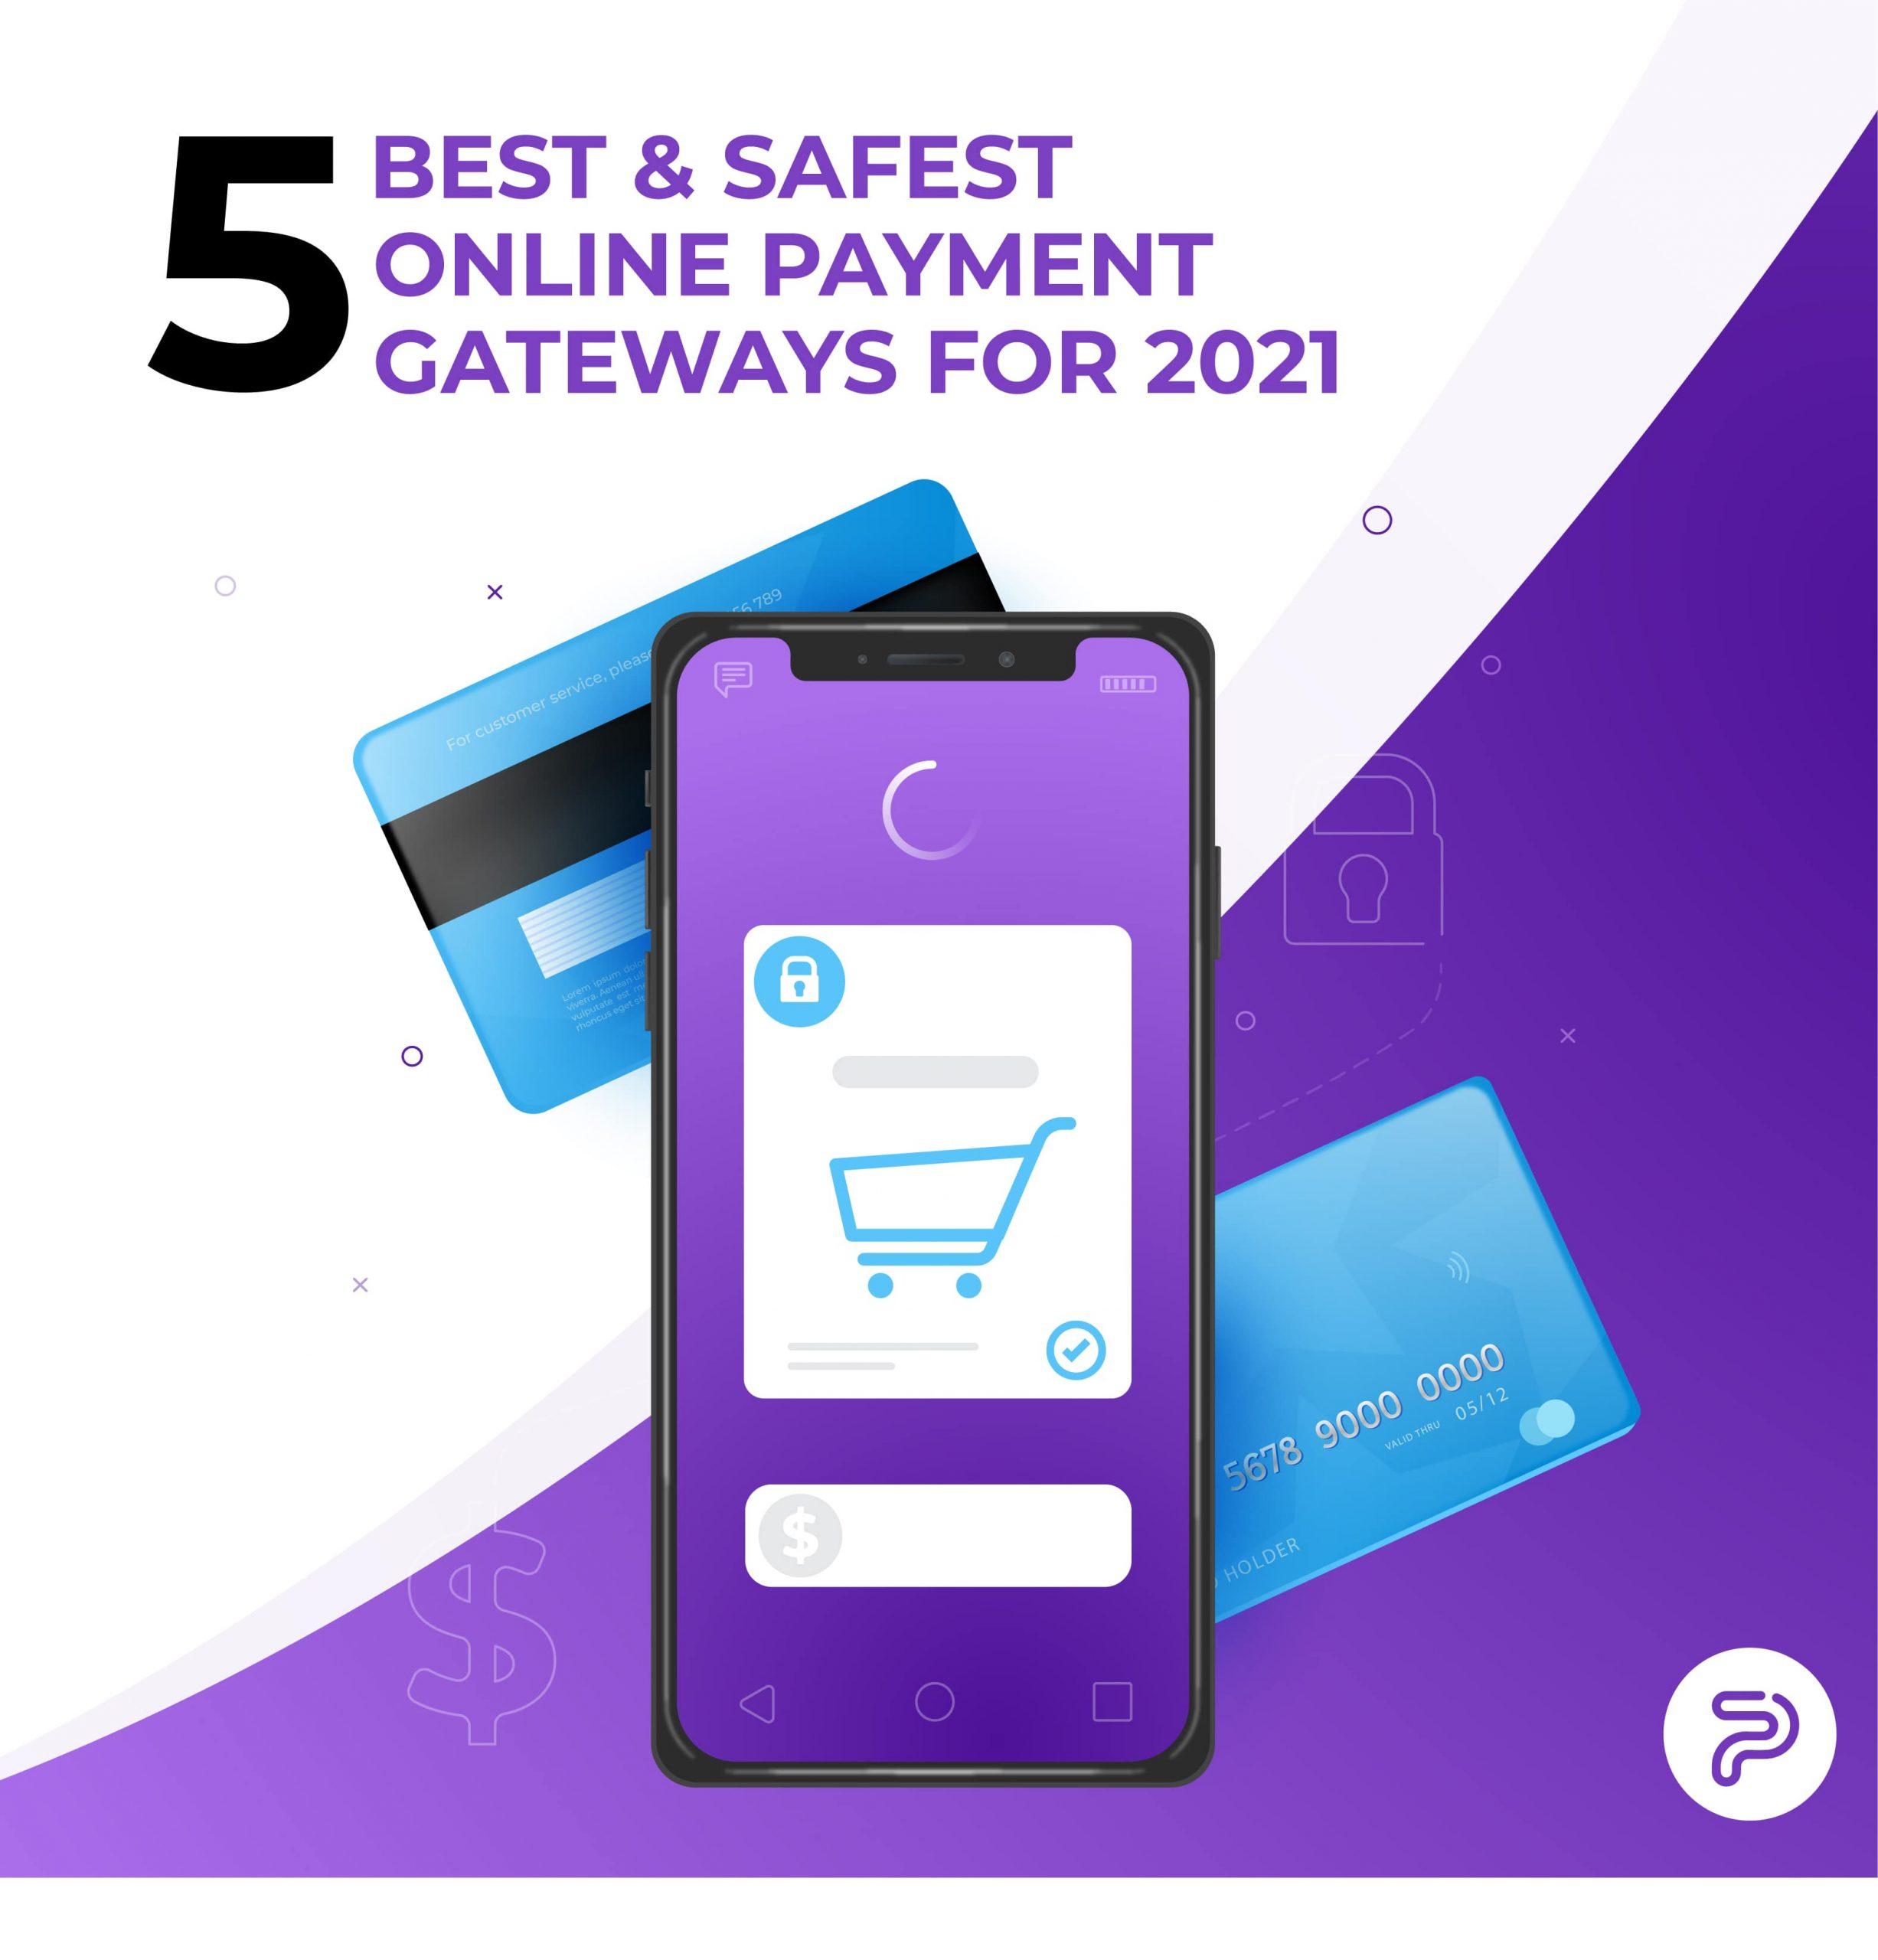 5 Best & Safest Online Payment Gateways For 2021